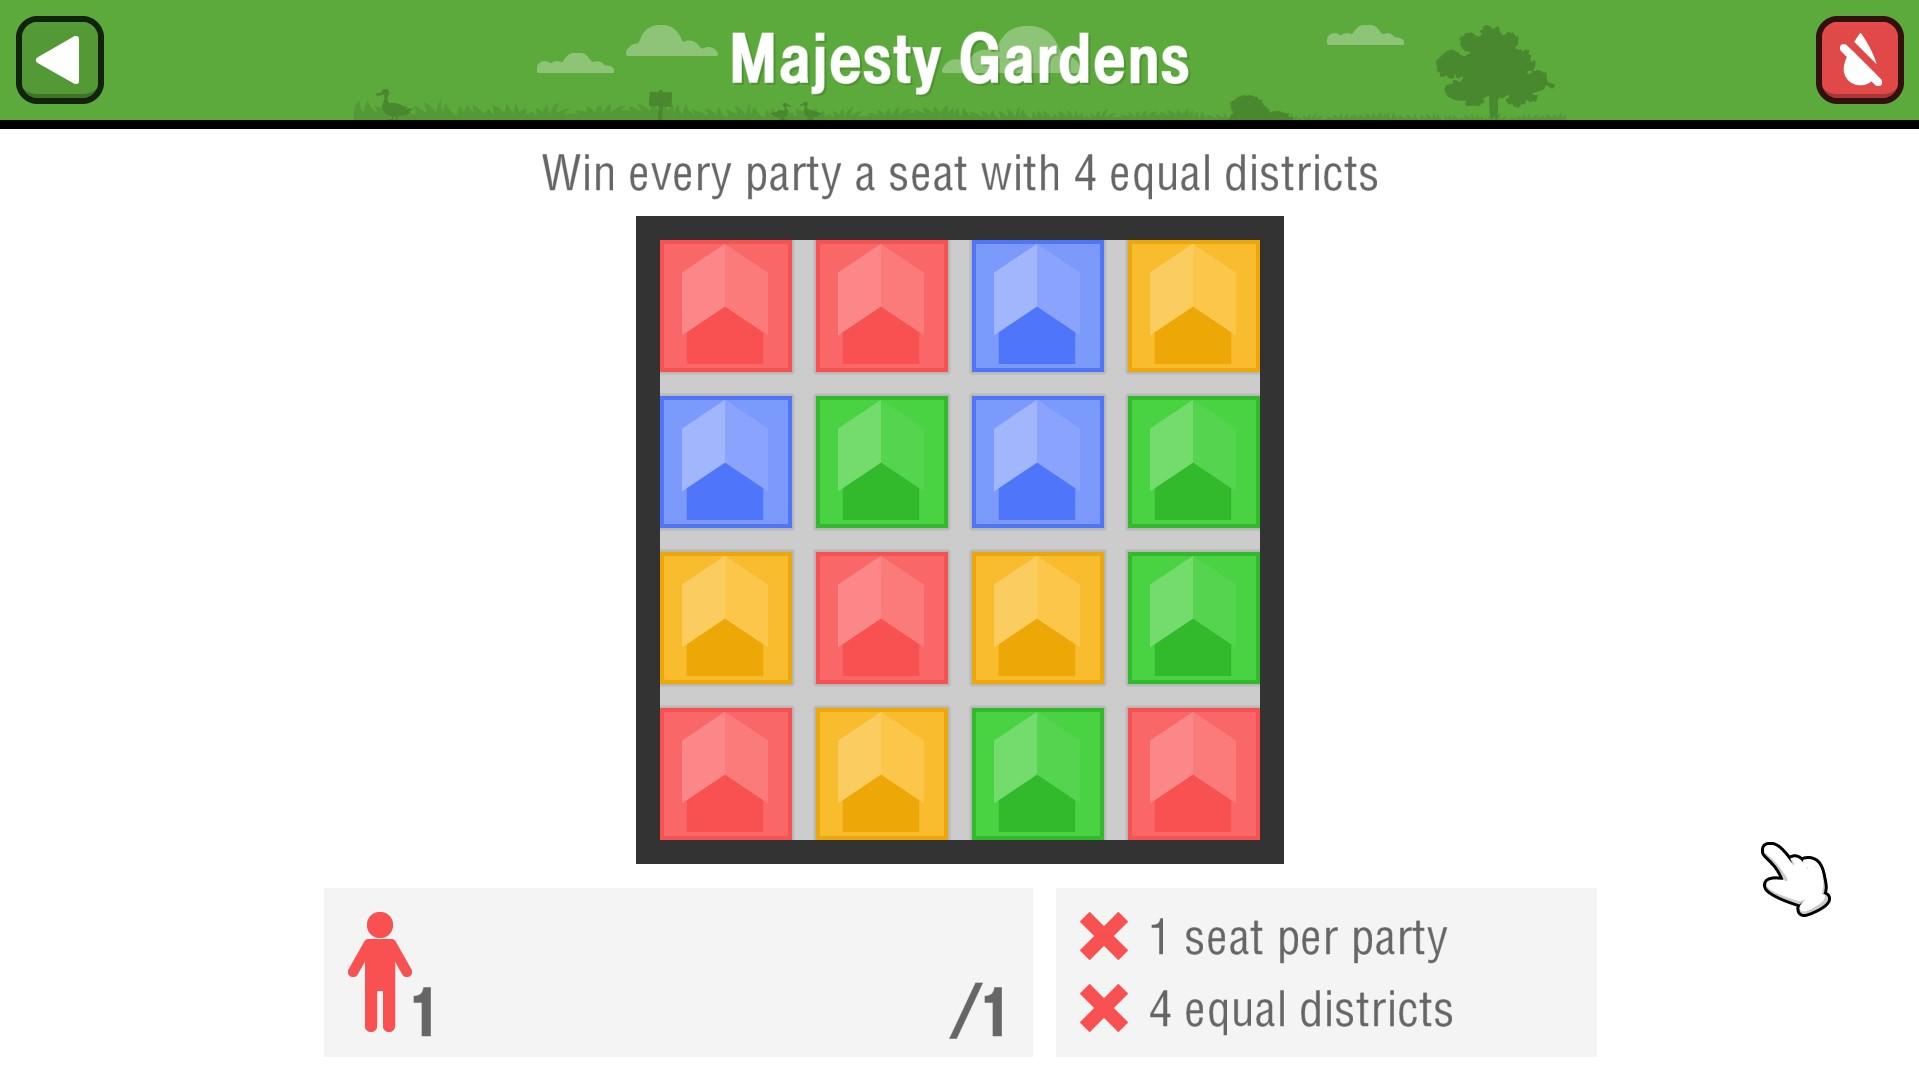 Majesty Gardens